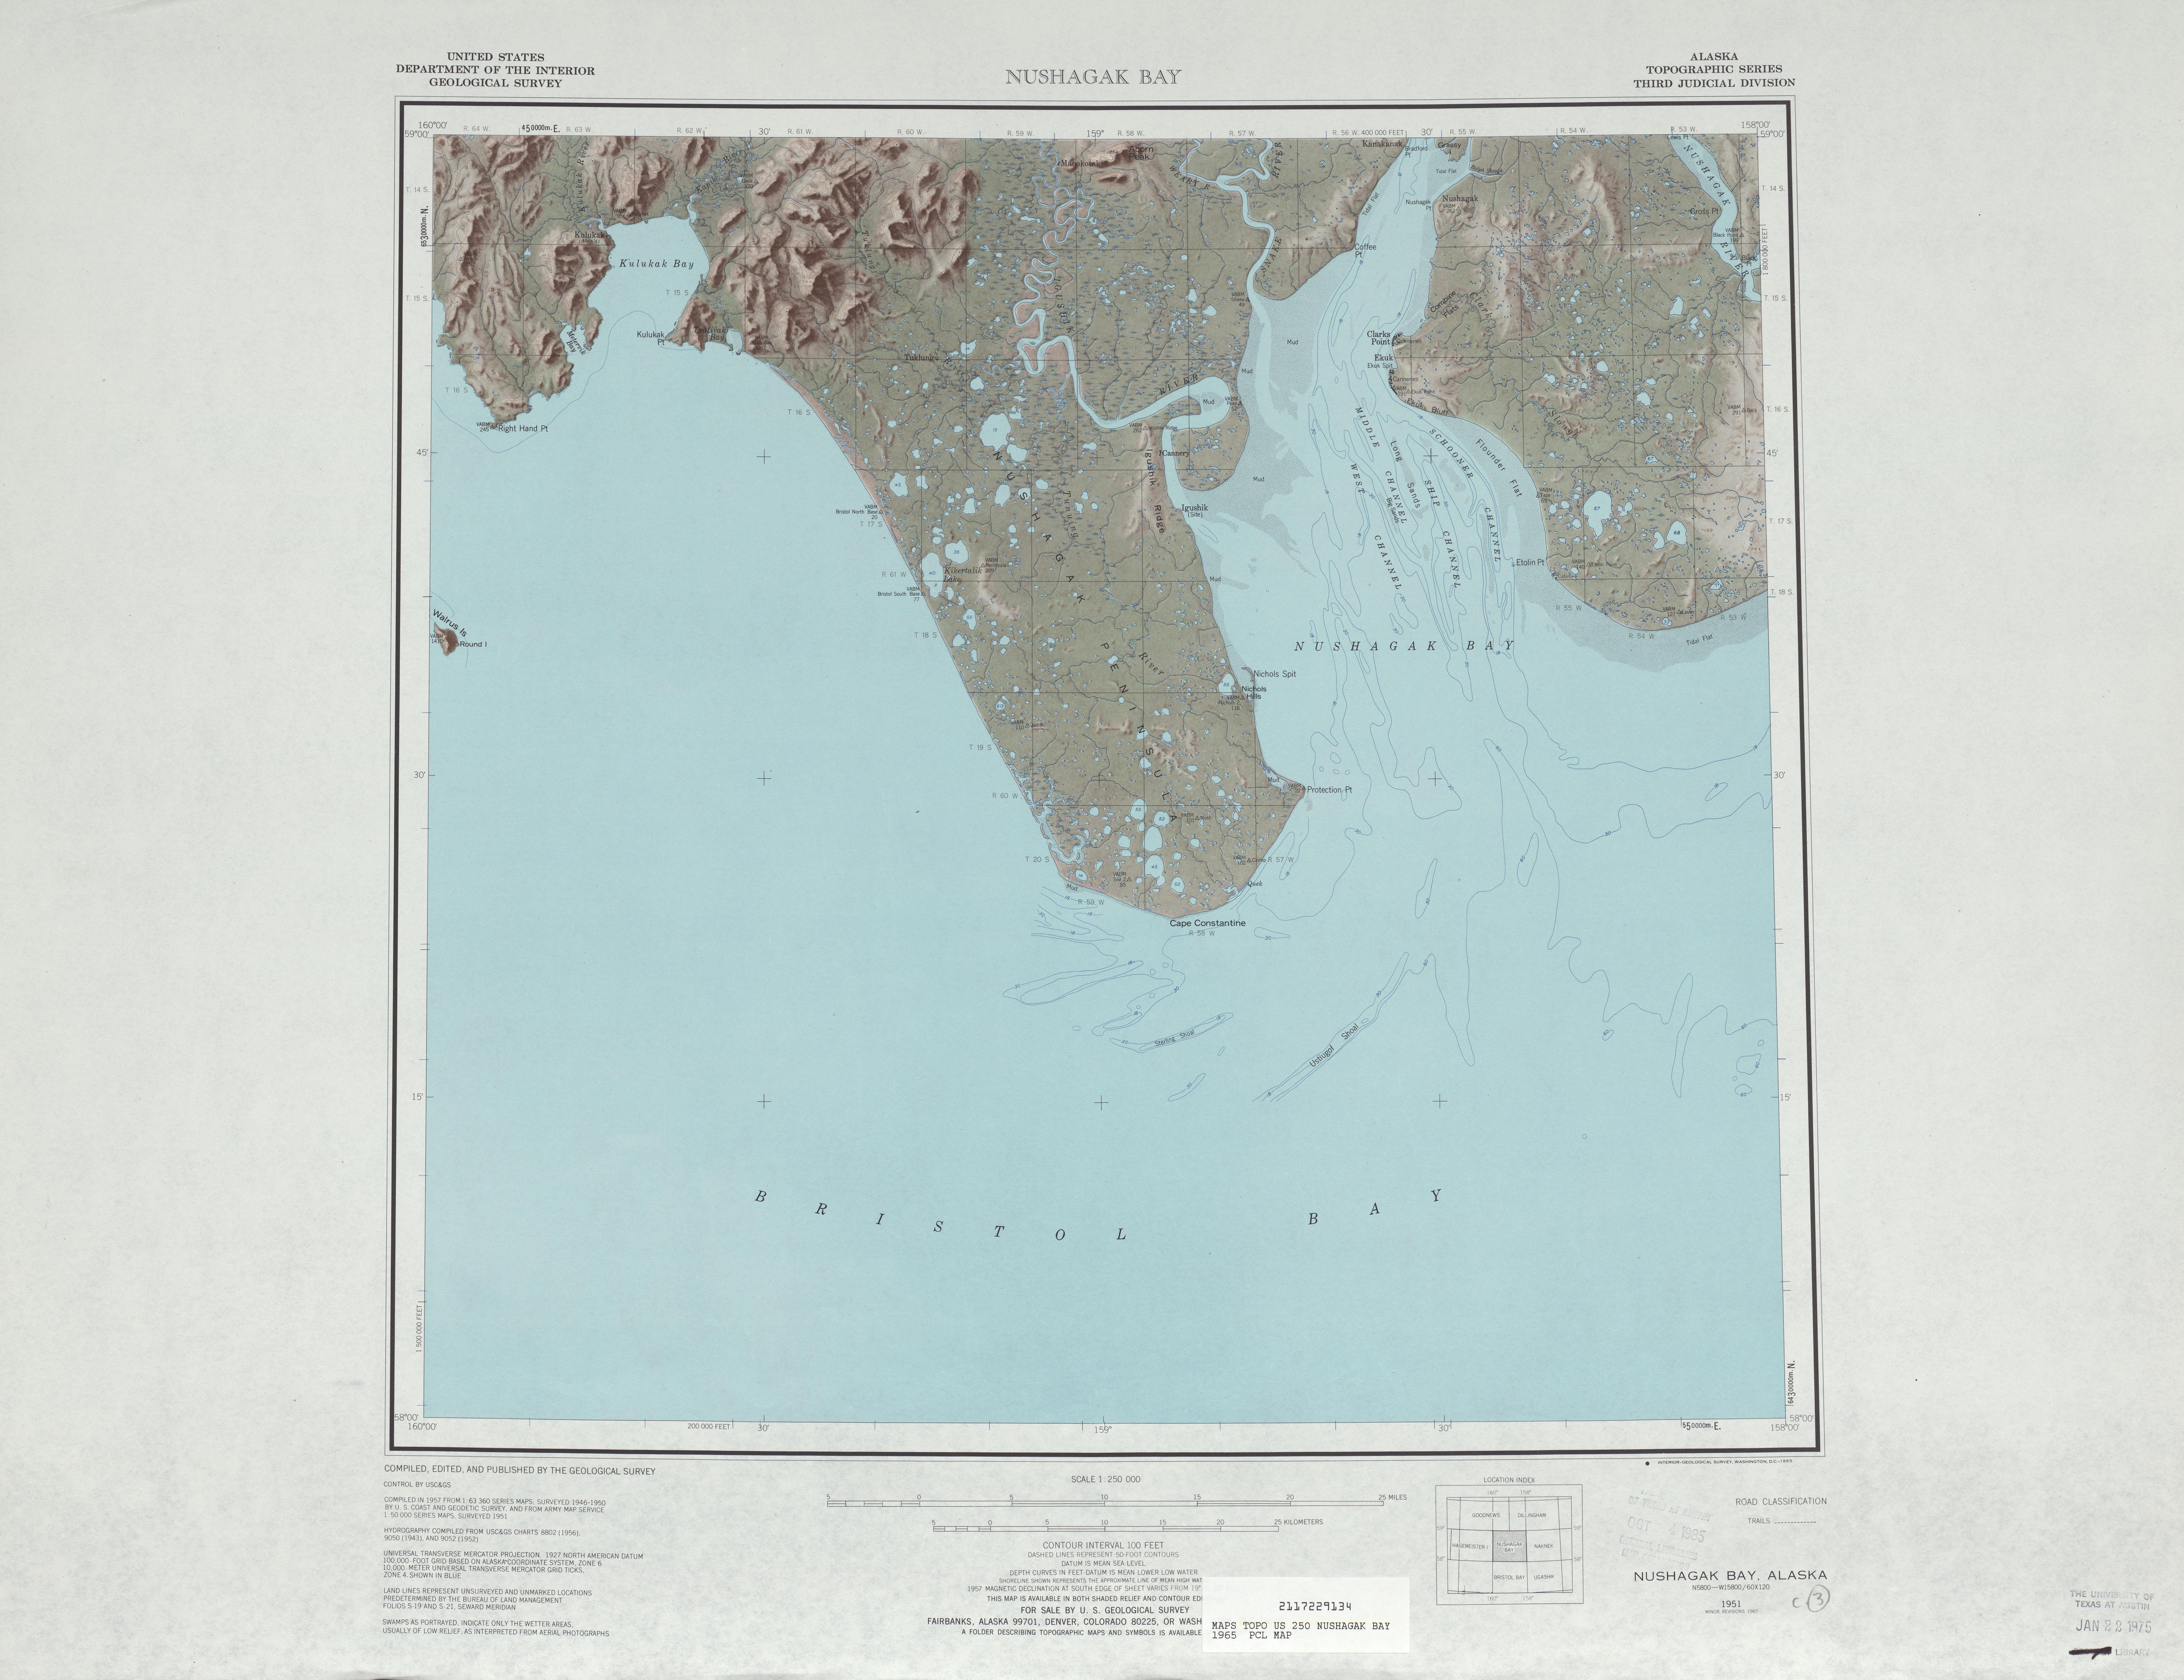 Nushagak Bay Topographic Map Sheet, United States 1965